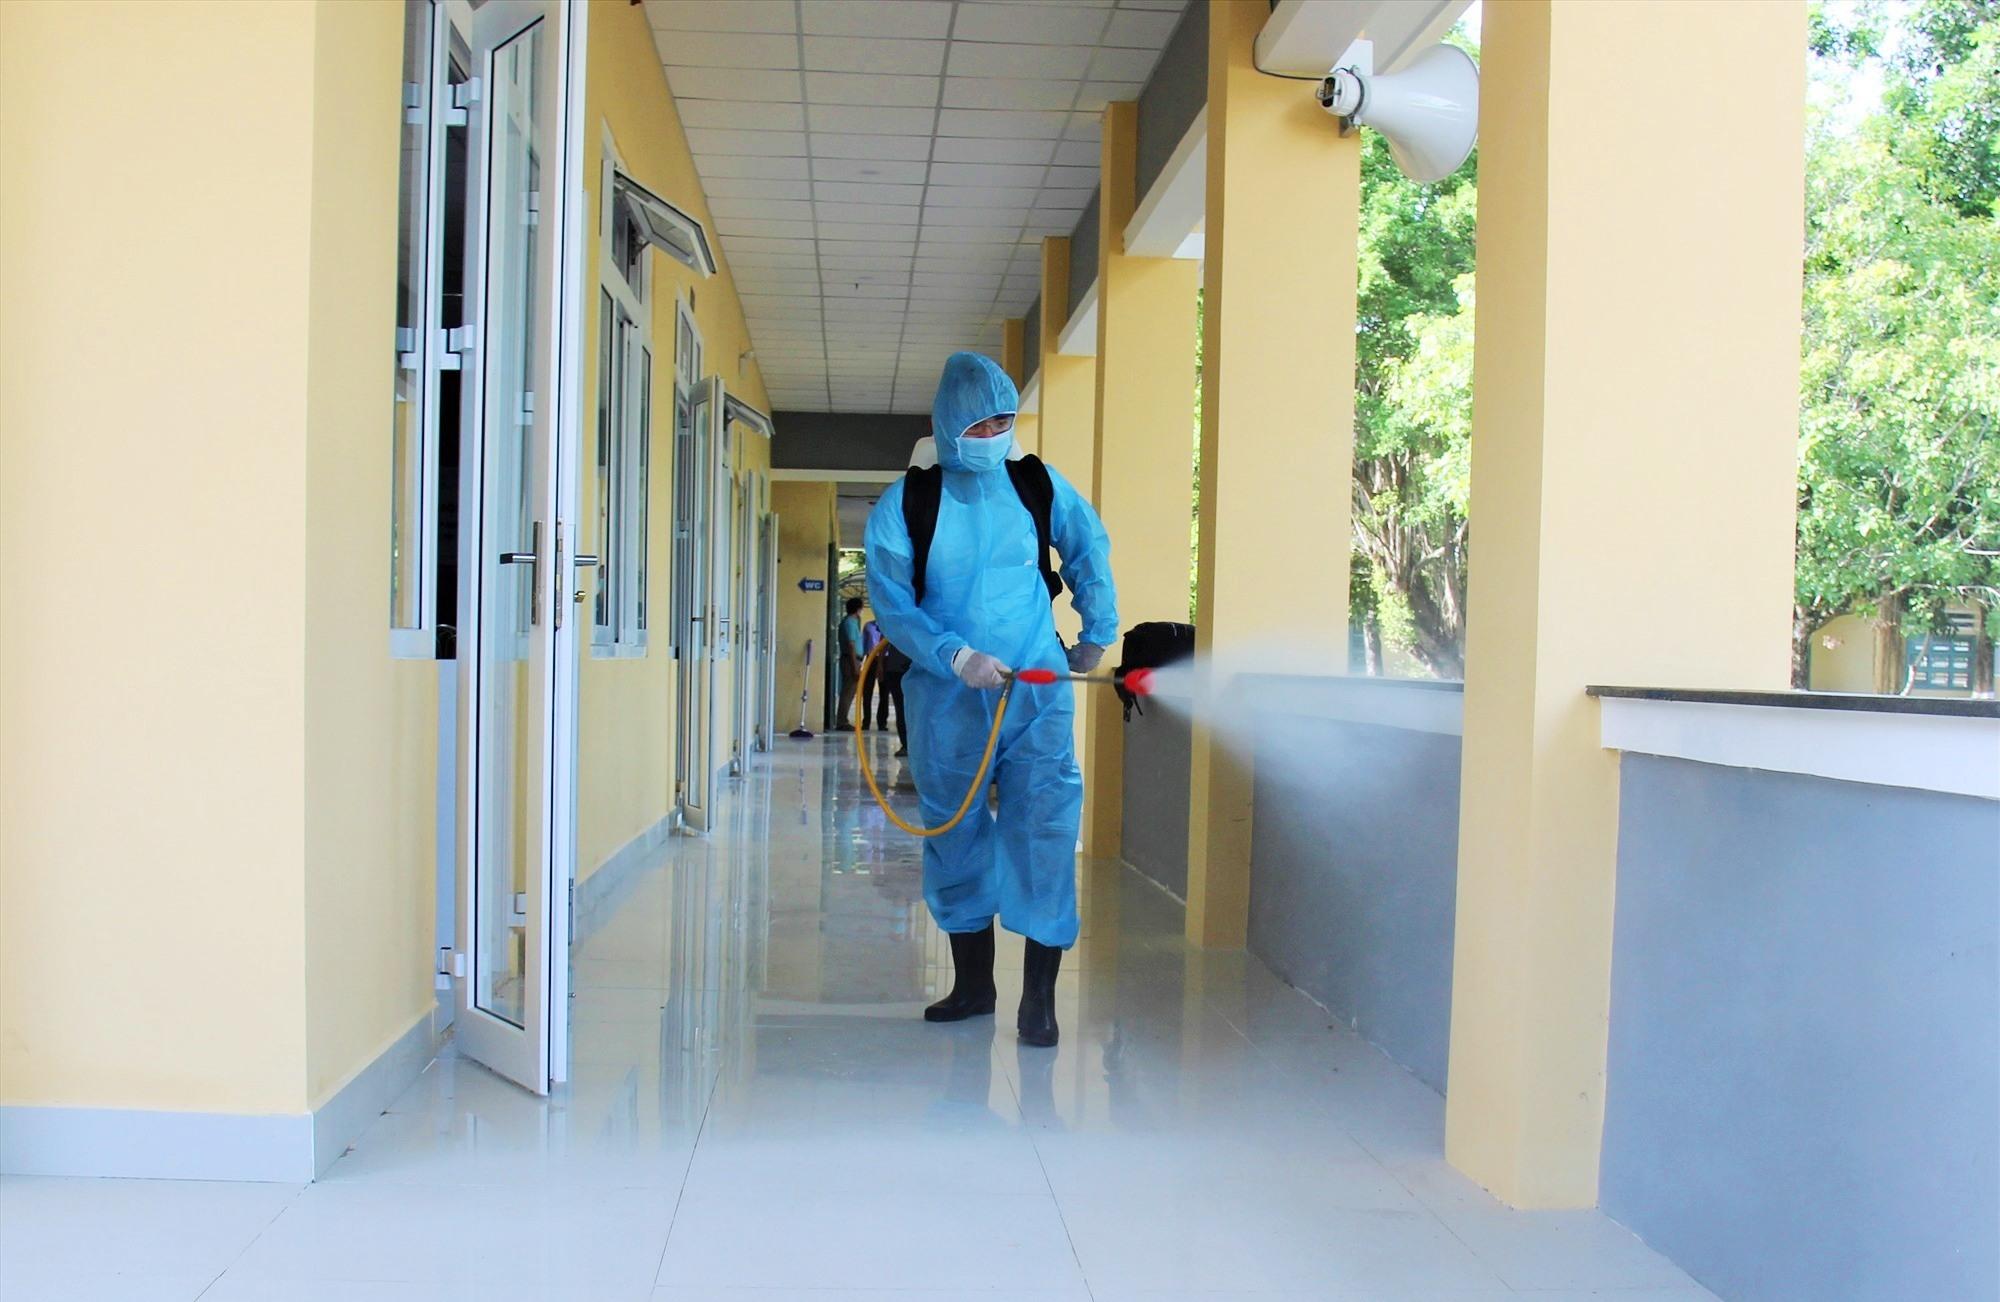 Phun hóa chất khử khuẩn tại điểm thi tốt nghiệp THPT năm 2020 trên địa bàn Phú Ninh. Ảnh: THANH THẮNG